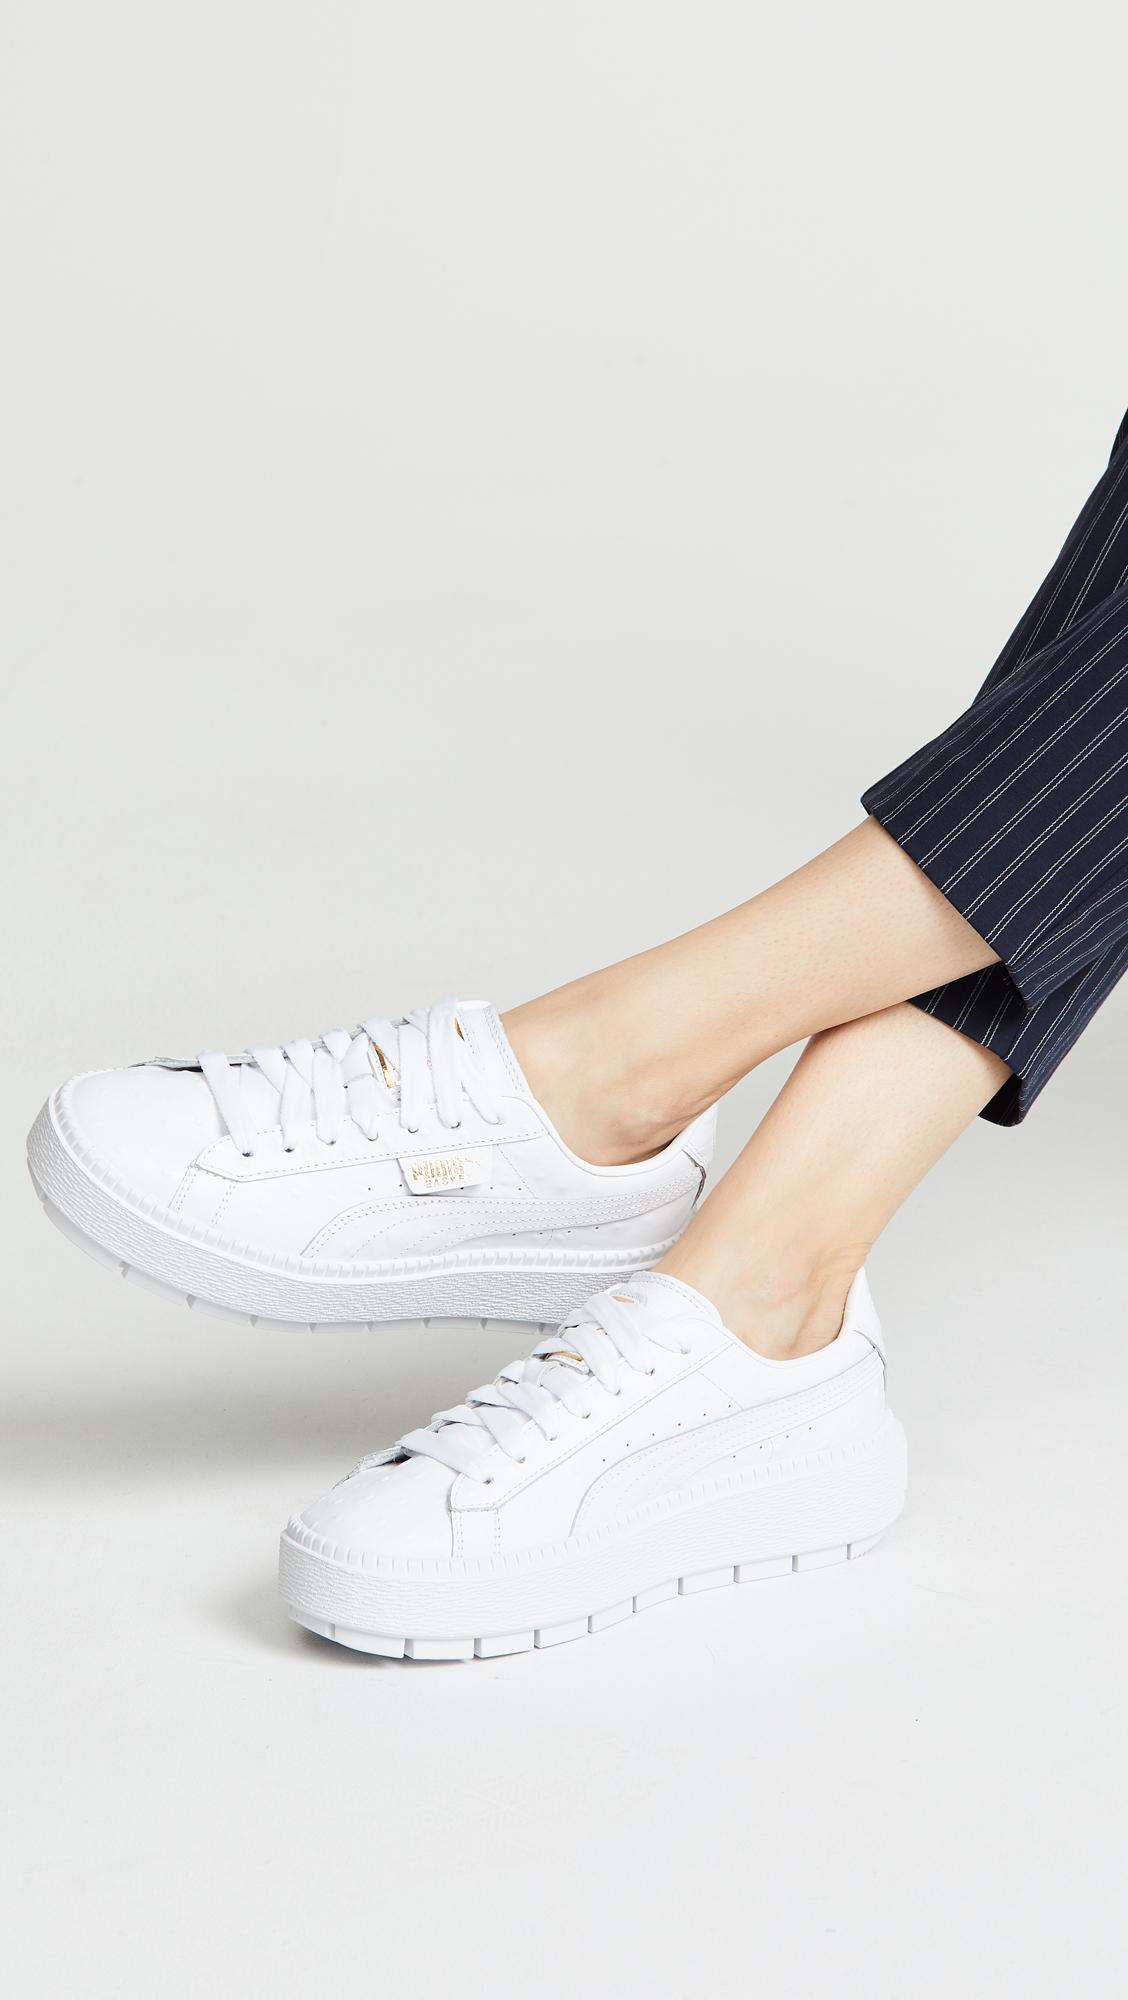 7a4be9a81332ca PUMA Platform Trace Ostrich Sneaker in White - Lyst